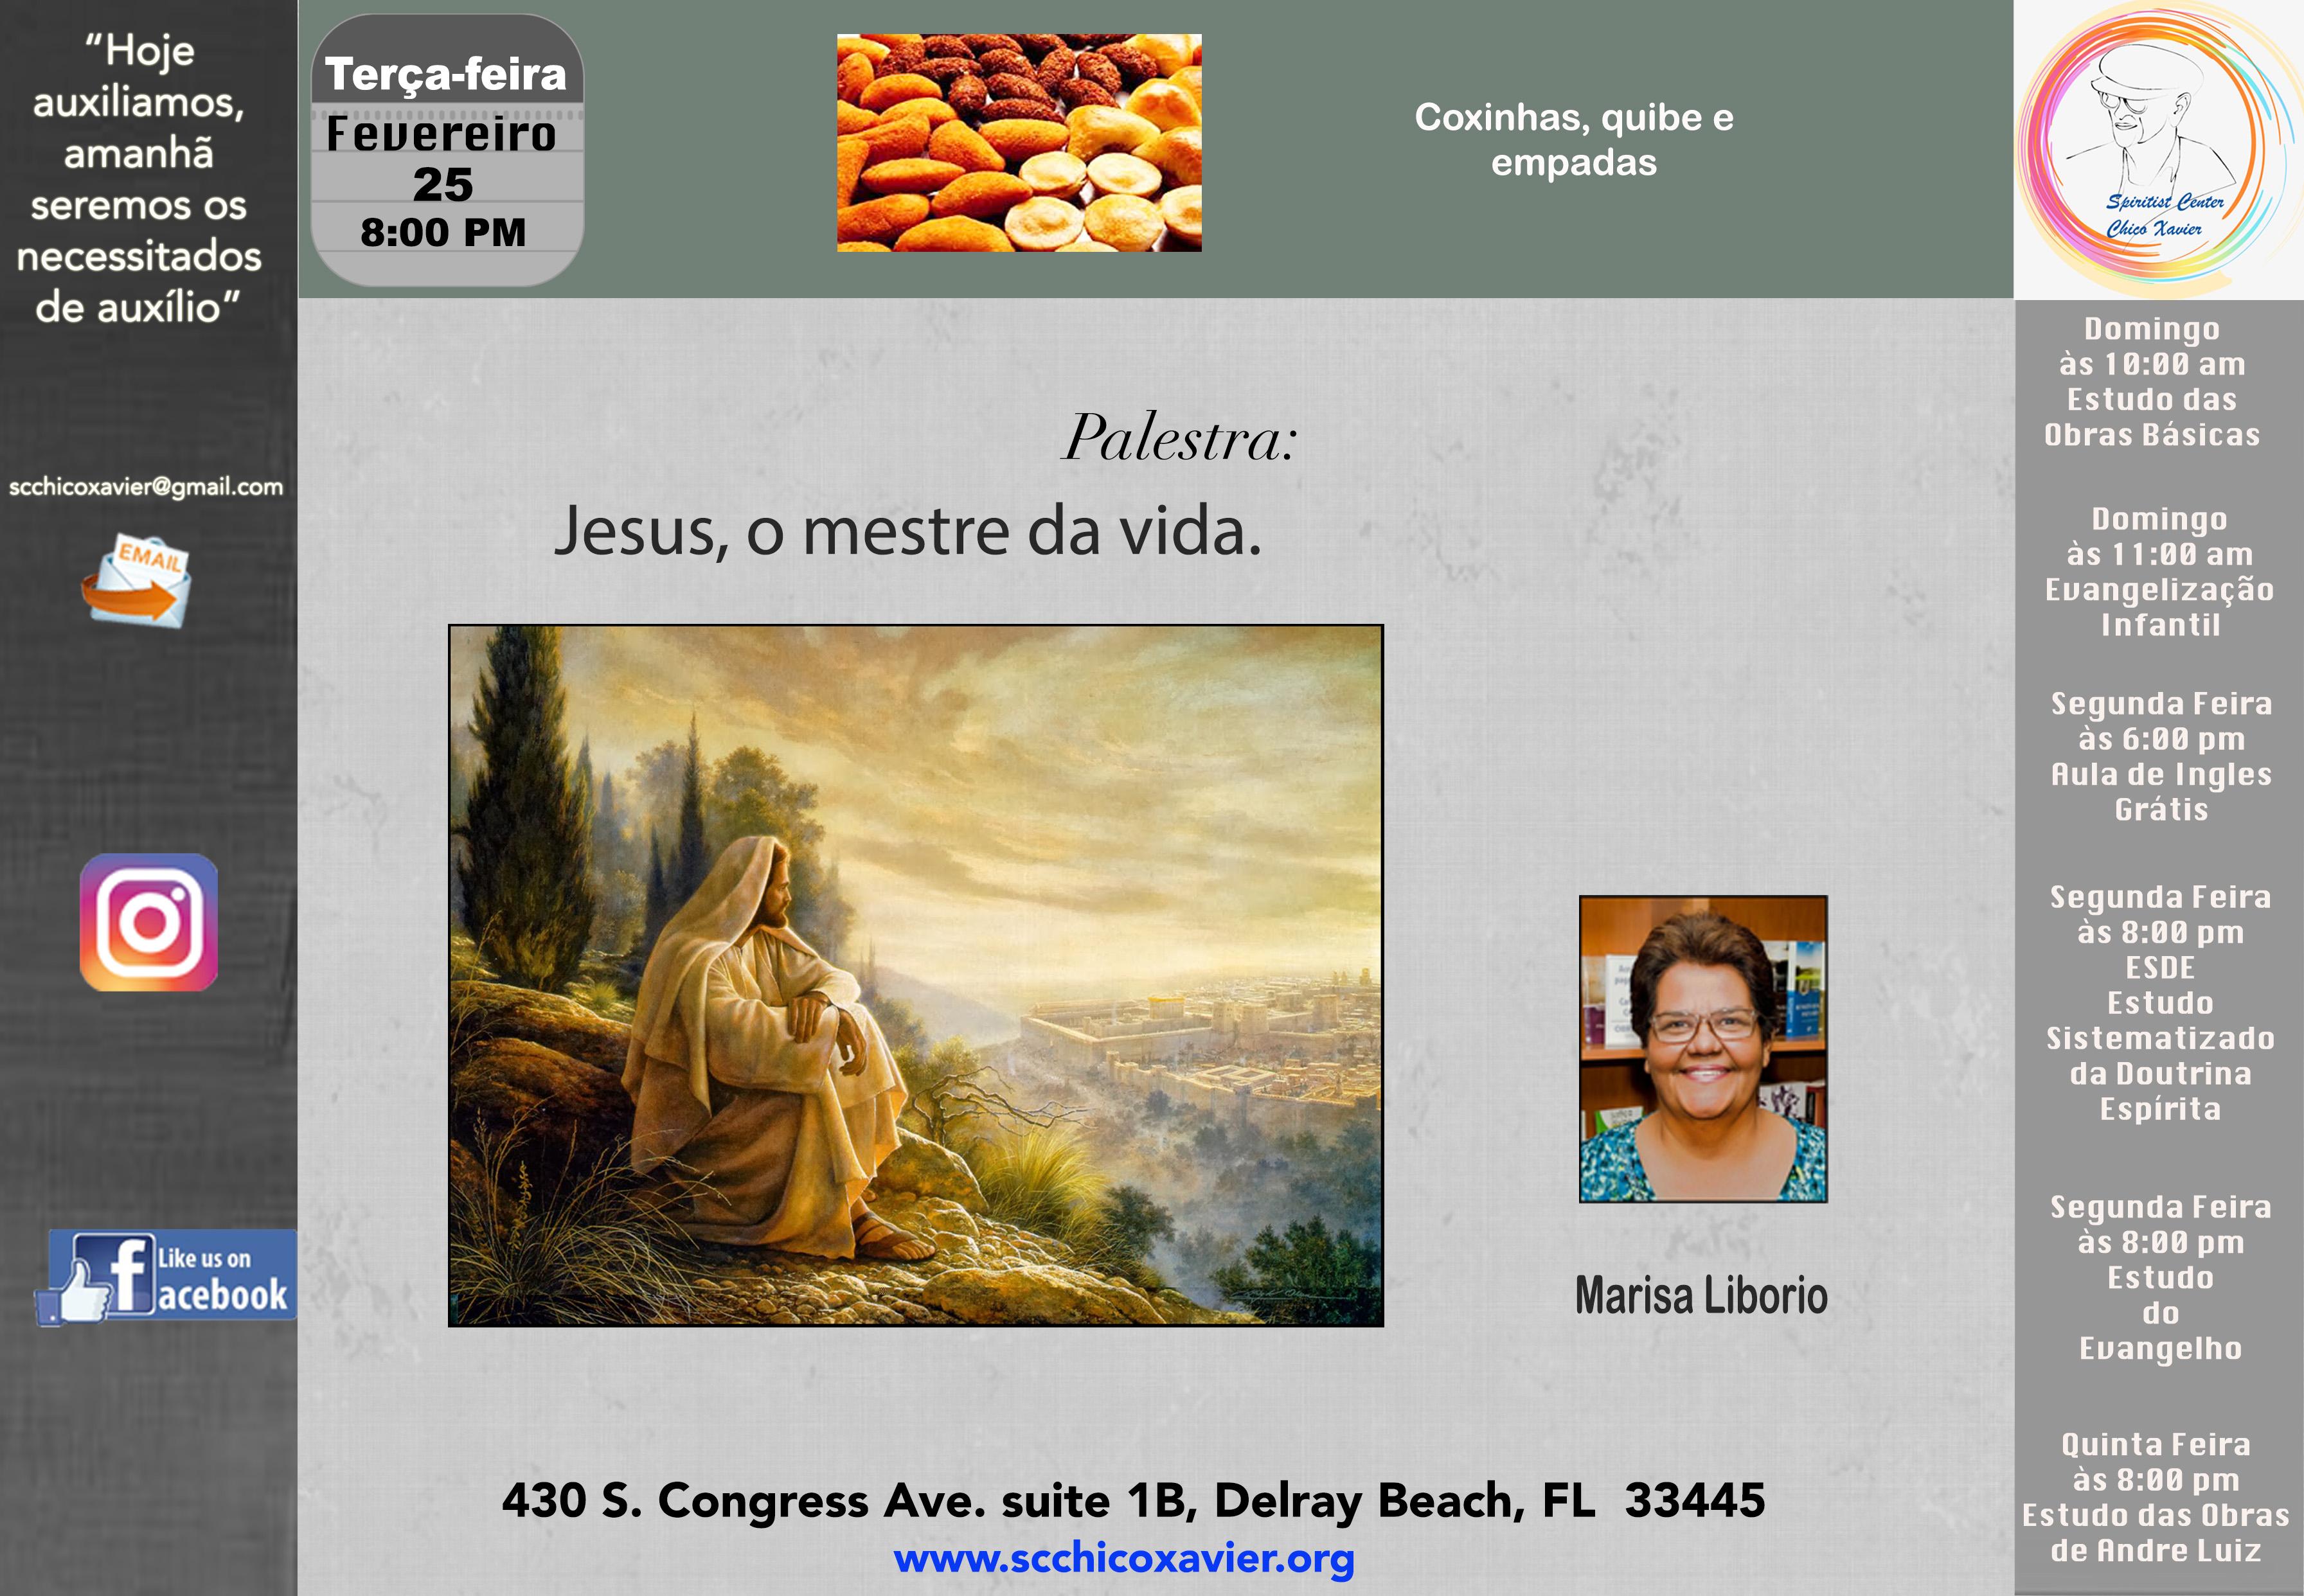 Marisa Liborio - Jesus, o mestre da vida